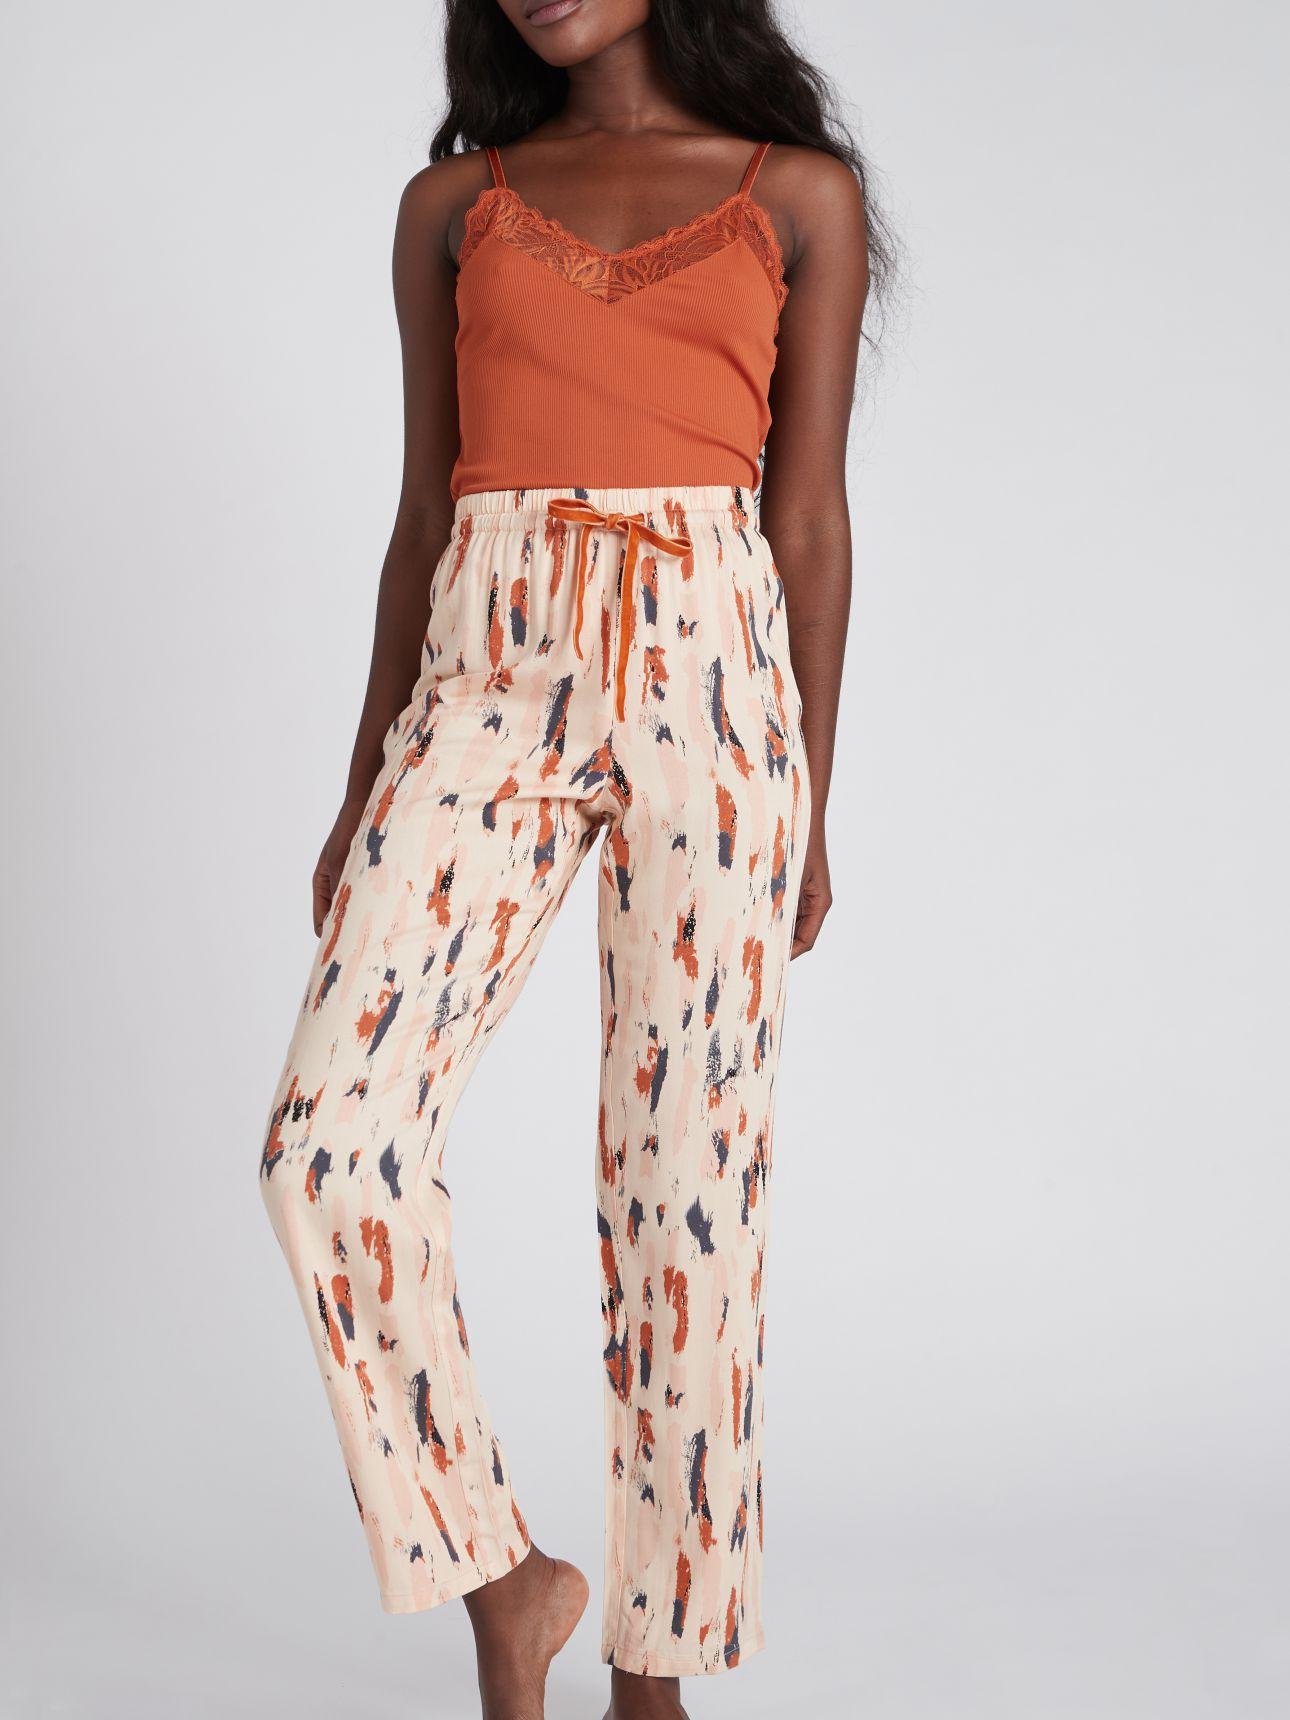 מכנסיים ארוכים מודפסים FLOW בצבע אבן